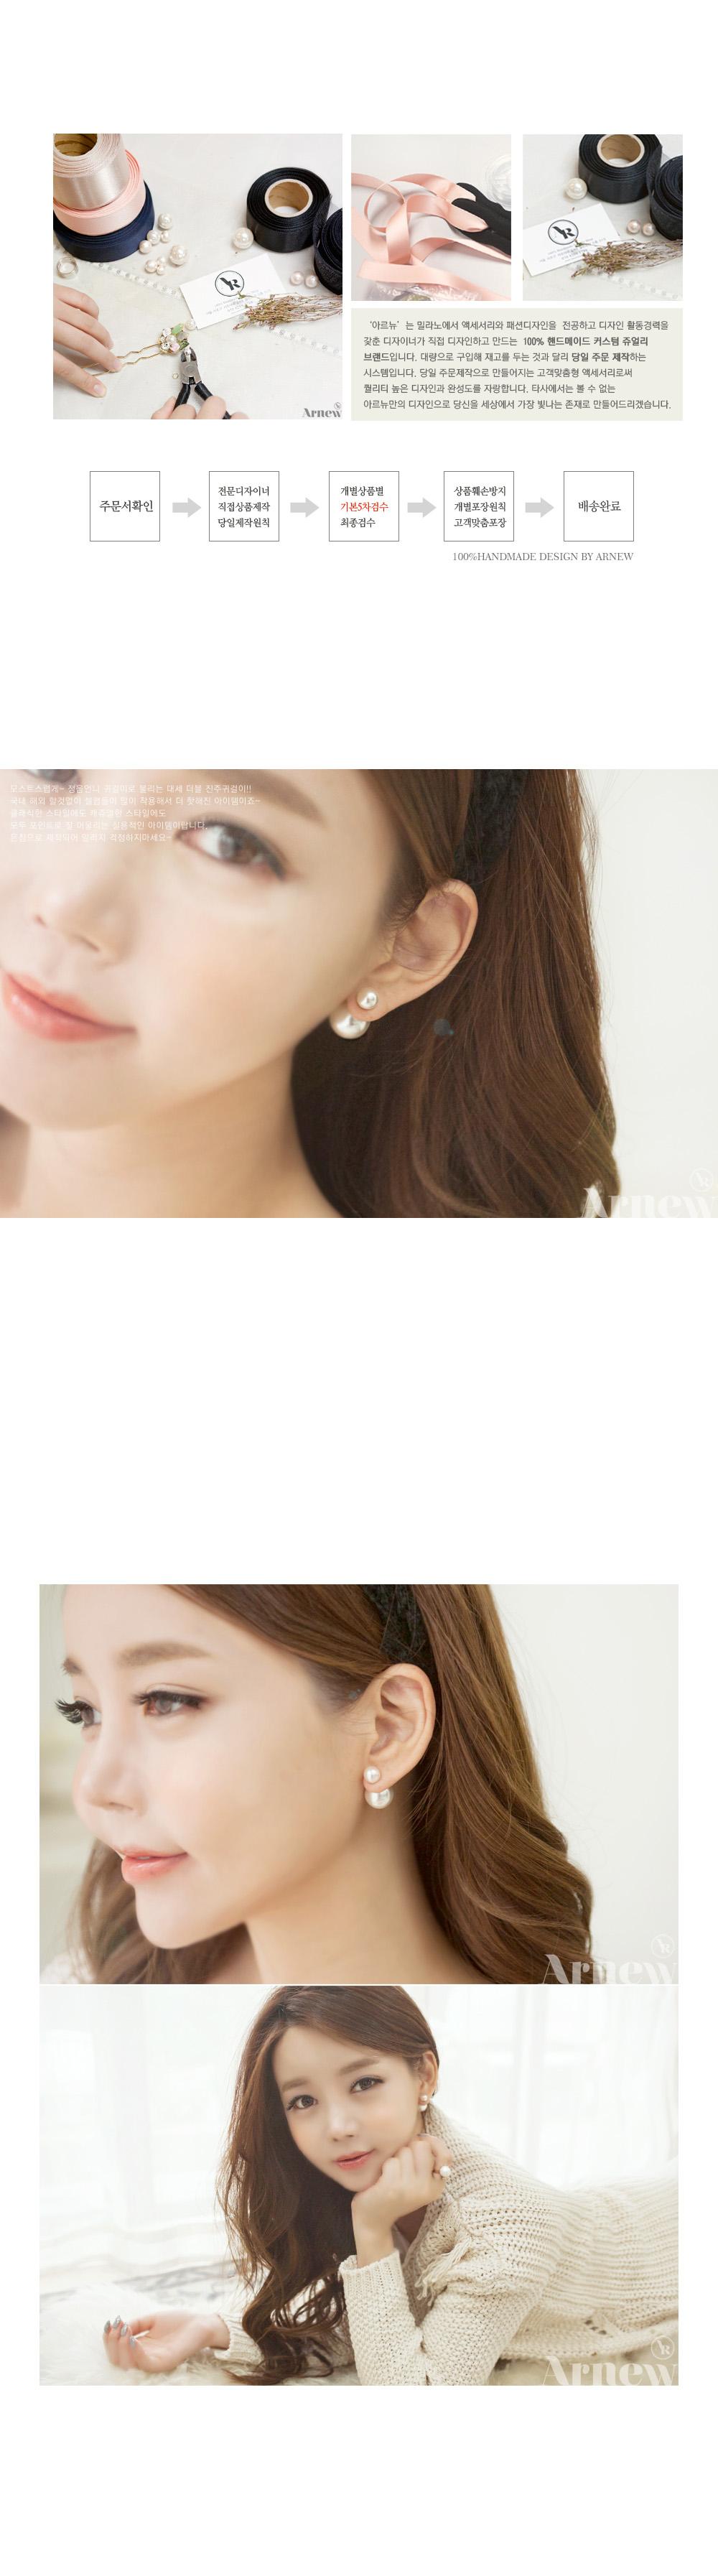 스노우 더블 진주 귀걸이 - 아르뉴, 18,000원, 진주/원석, 볼귀걸이